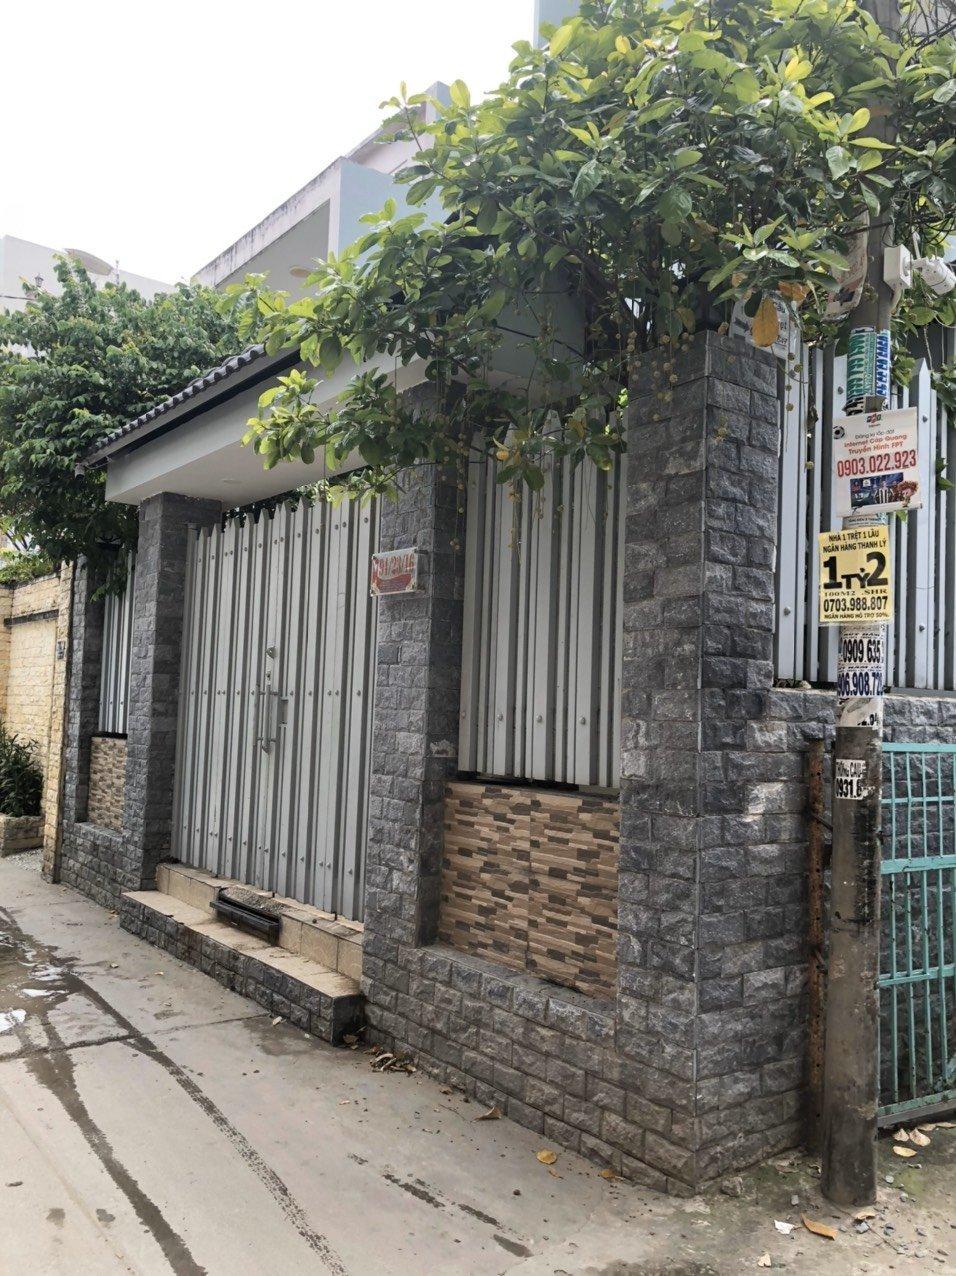 Bán nhà hẻm 264 Lê Văn Lương, nhà cấp 4, DT 75.8m2, giá 4.4 tỷ